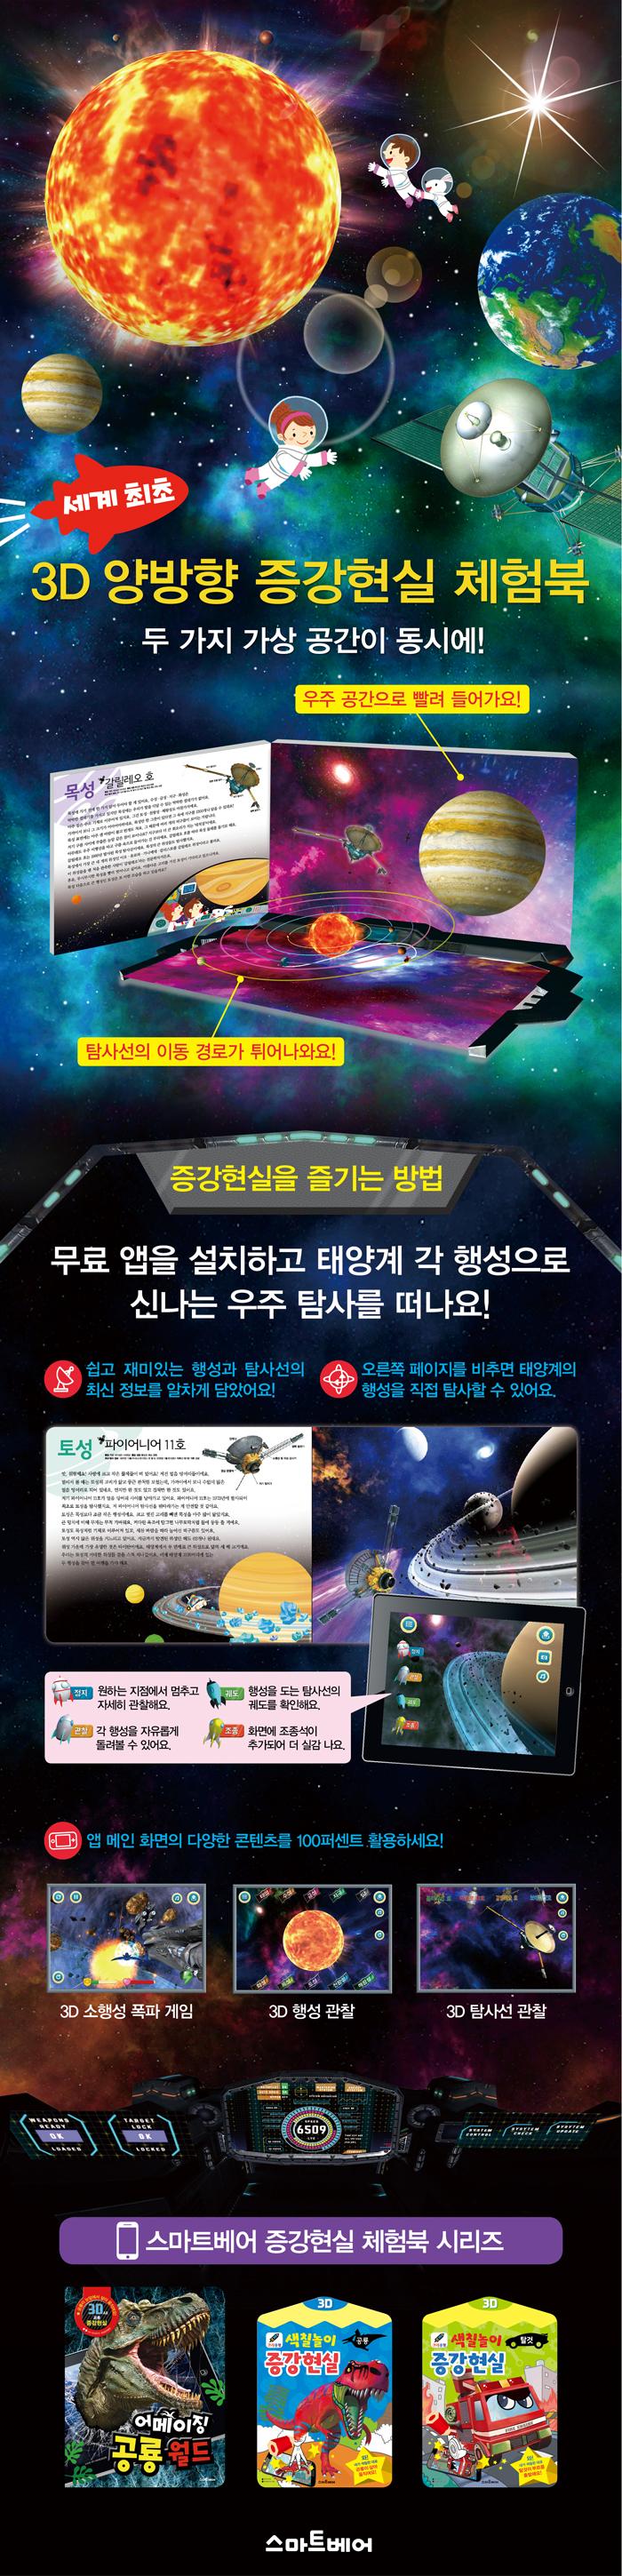 어메이징 우주탐사 3D 양방향 증강현실